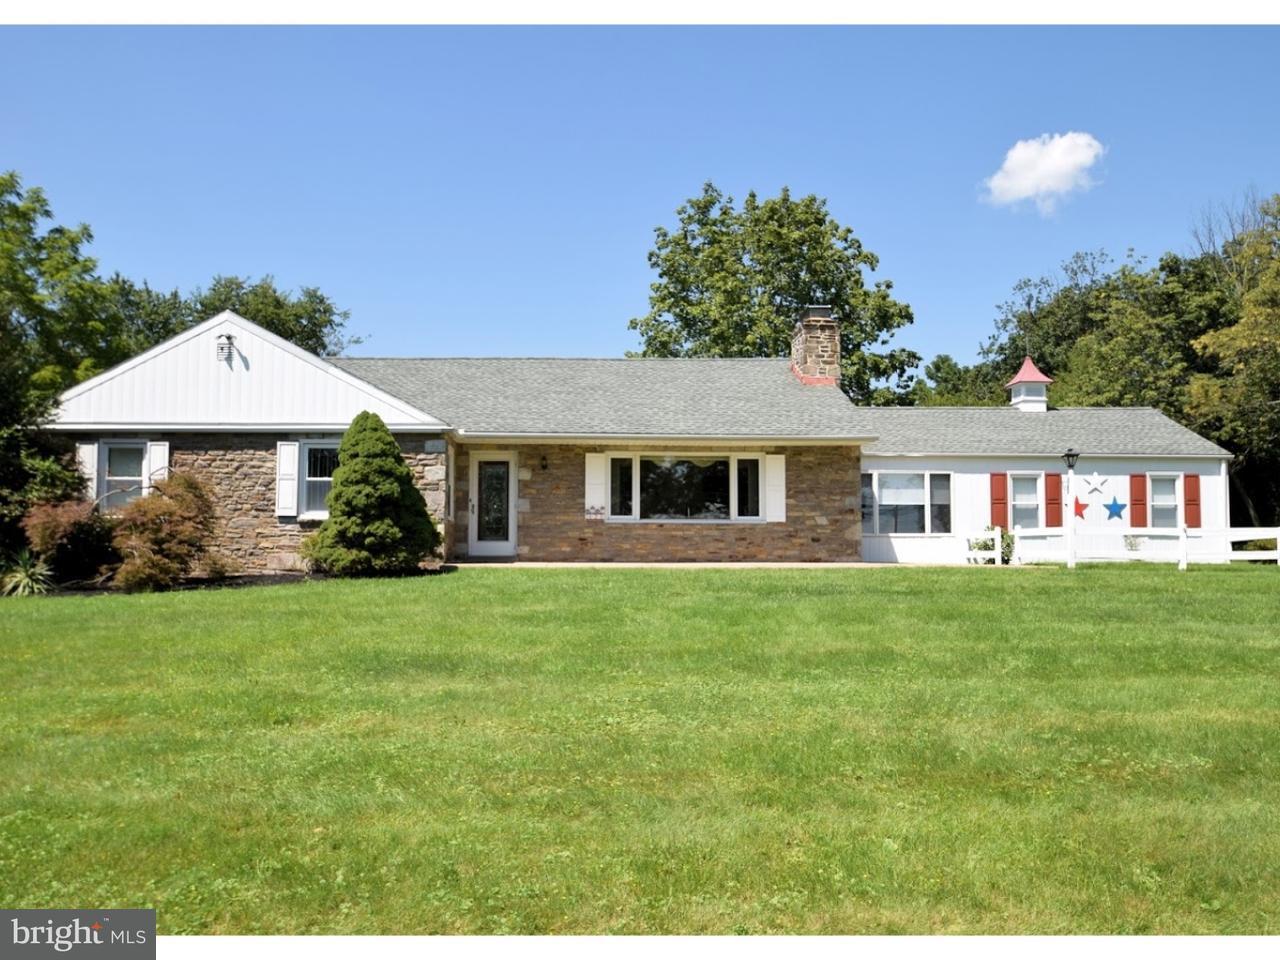 Частный односемейный дом для того Продажа на 123 FAIRHILL Road Hatfield, Пенсильвания 19440 Соединенные Штаты